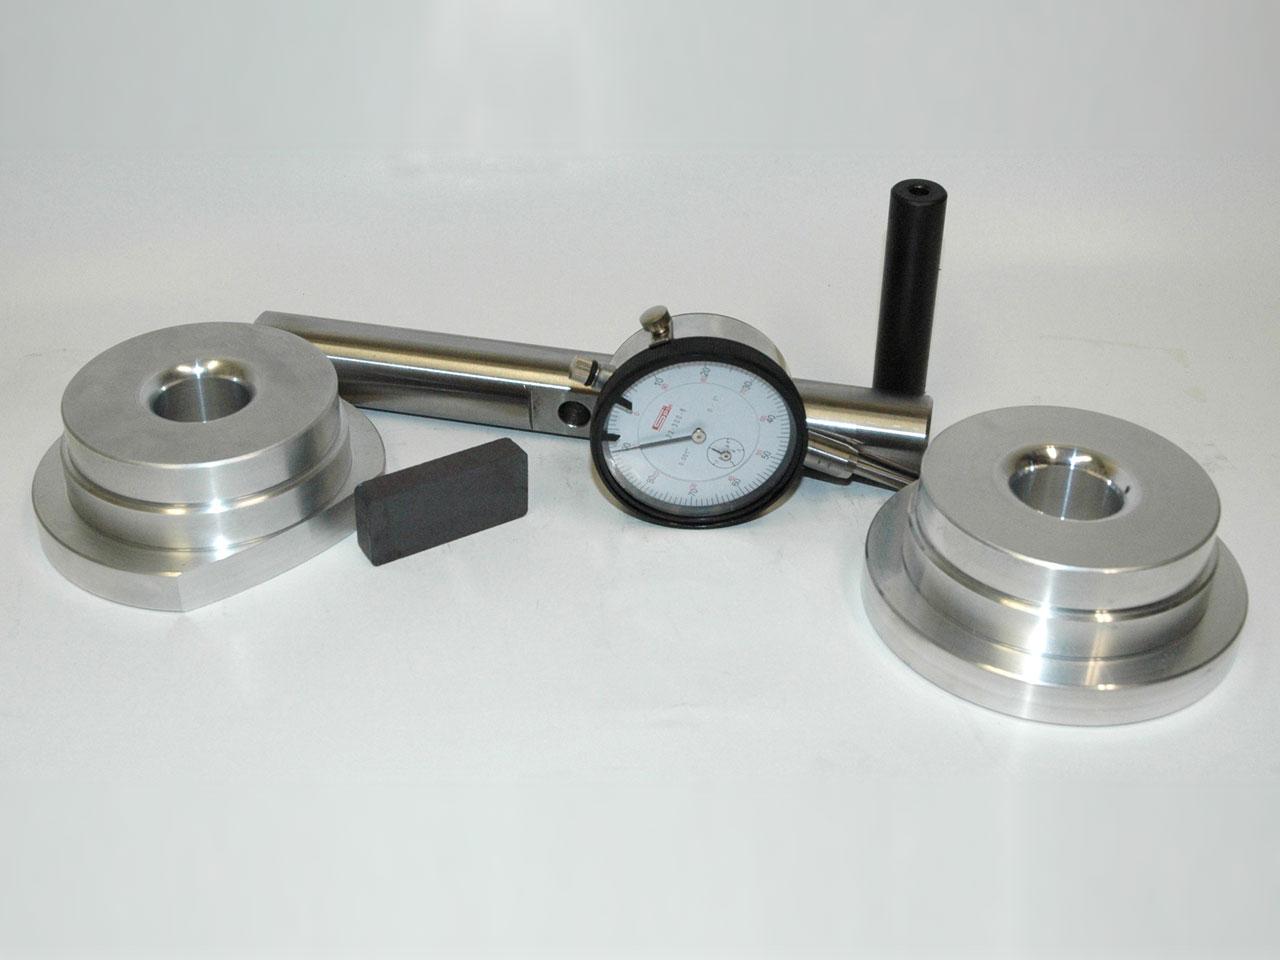 Standard Pinion Depth Checker